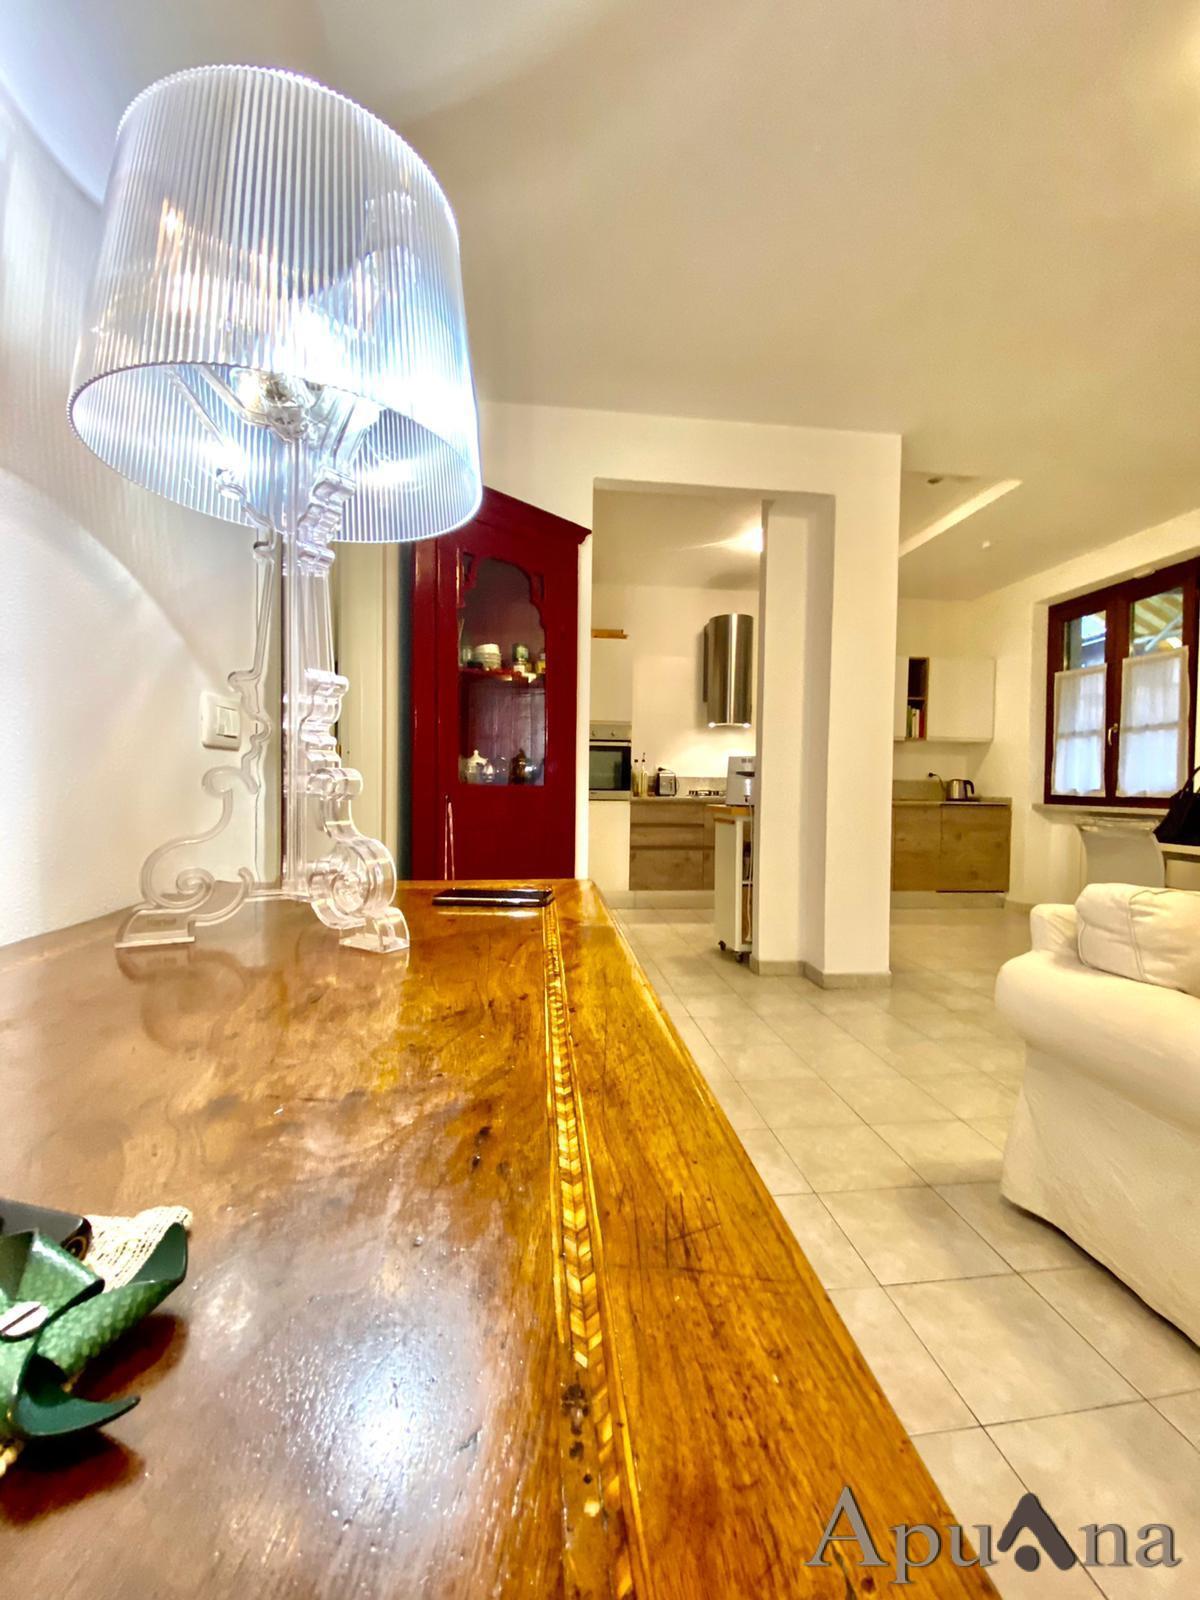 Appartamento in vendita, rif. MLS-272